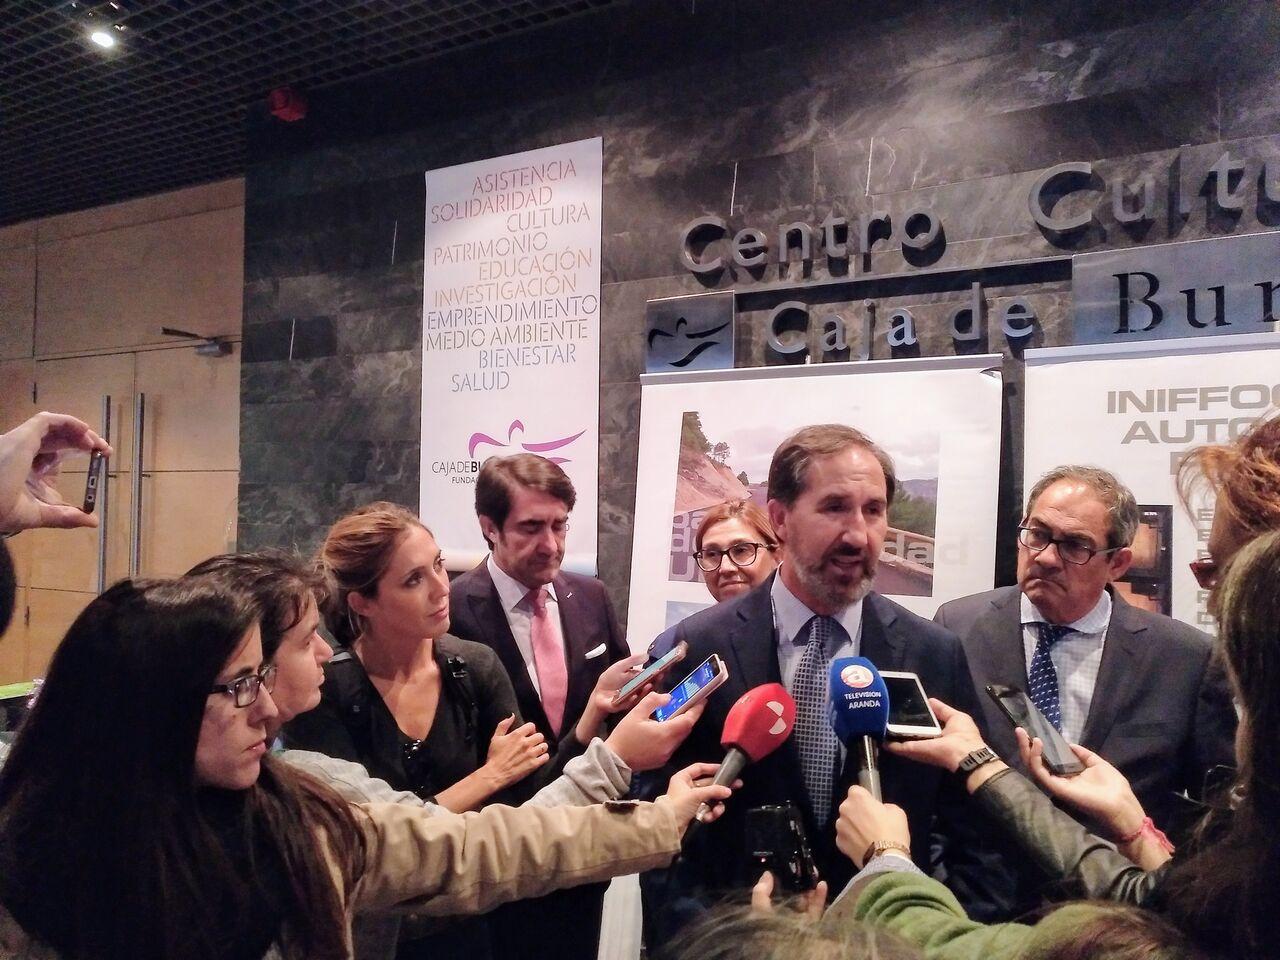 Rebi presenta la Red de Aranda de Duero en la Fundación Caja de Burgos  con gran expectación